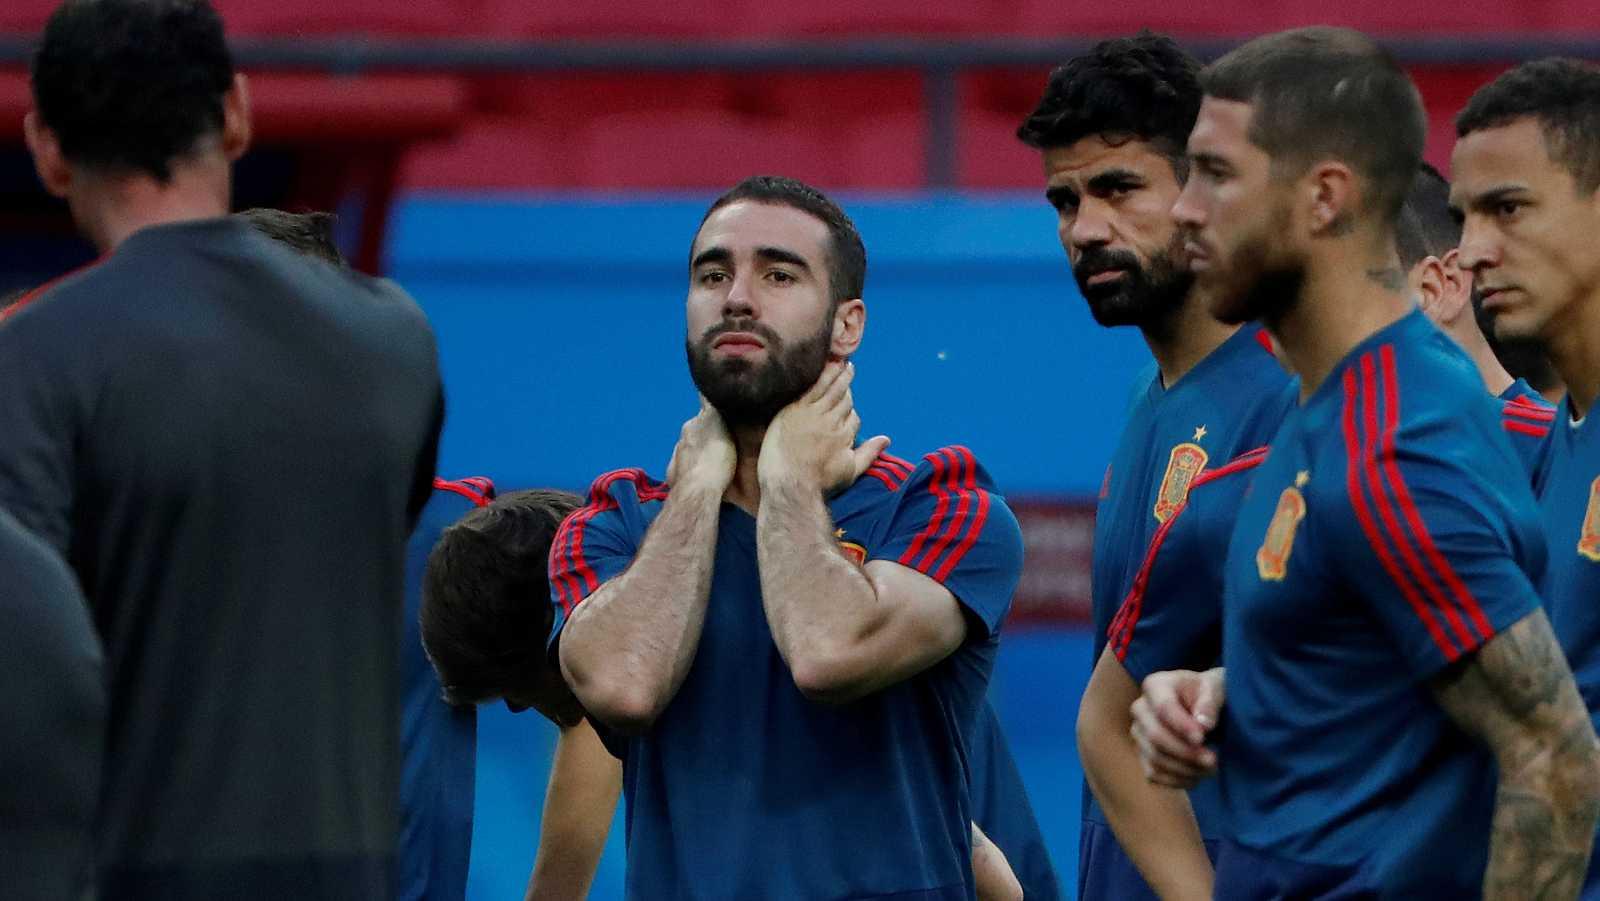 La selección española se la juega contra Irán en su segundo partido del Mundial, donde podría regresar Carvajal tras su lesión y podría entrar Lucas en el once titular.